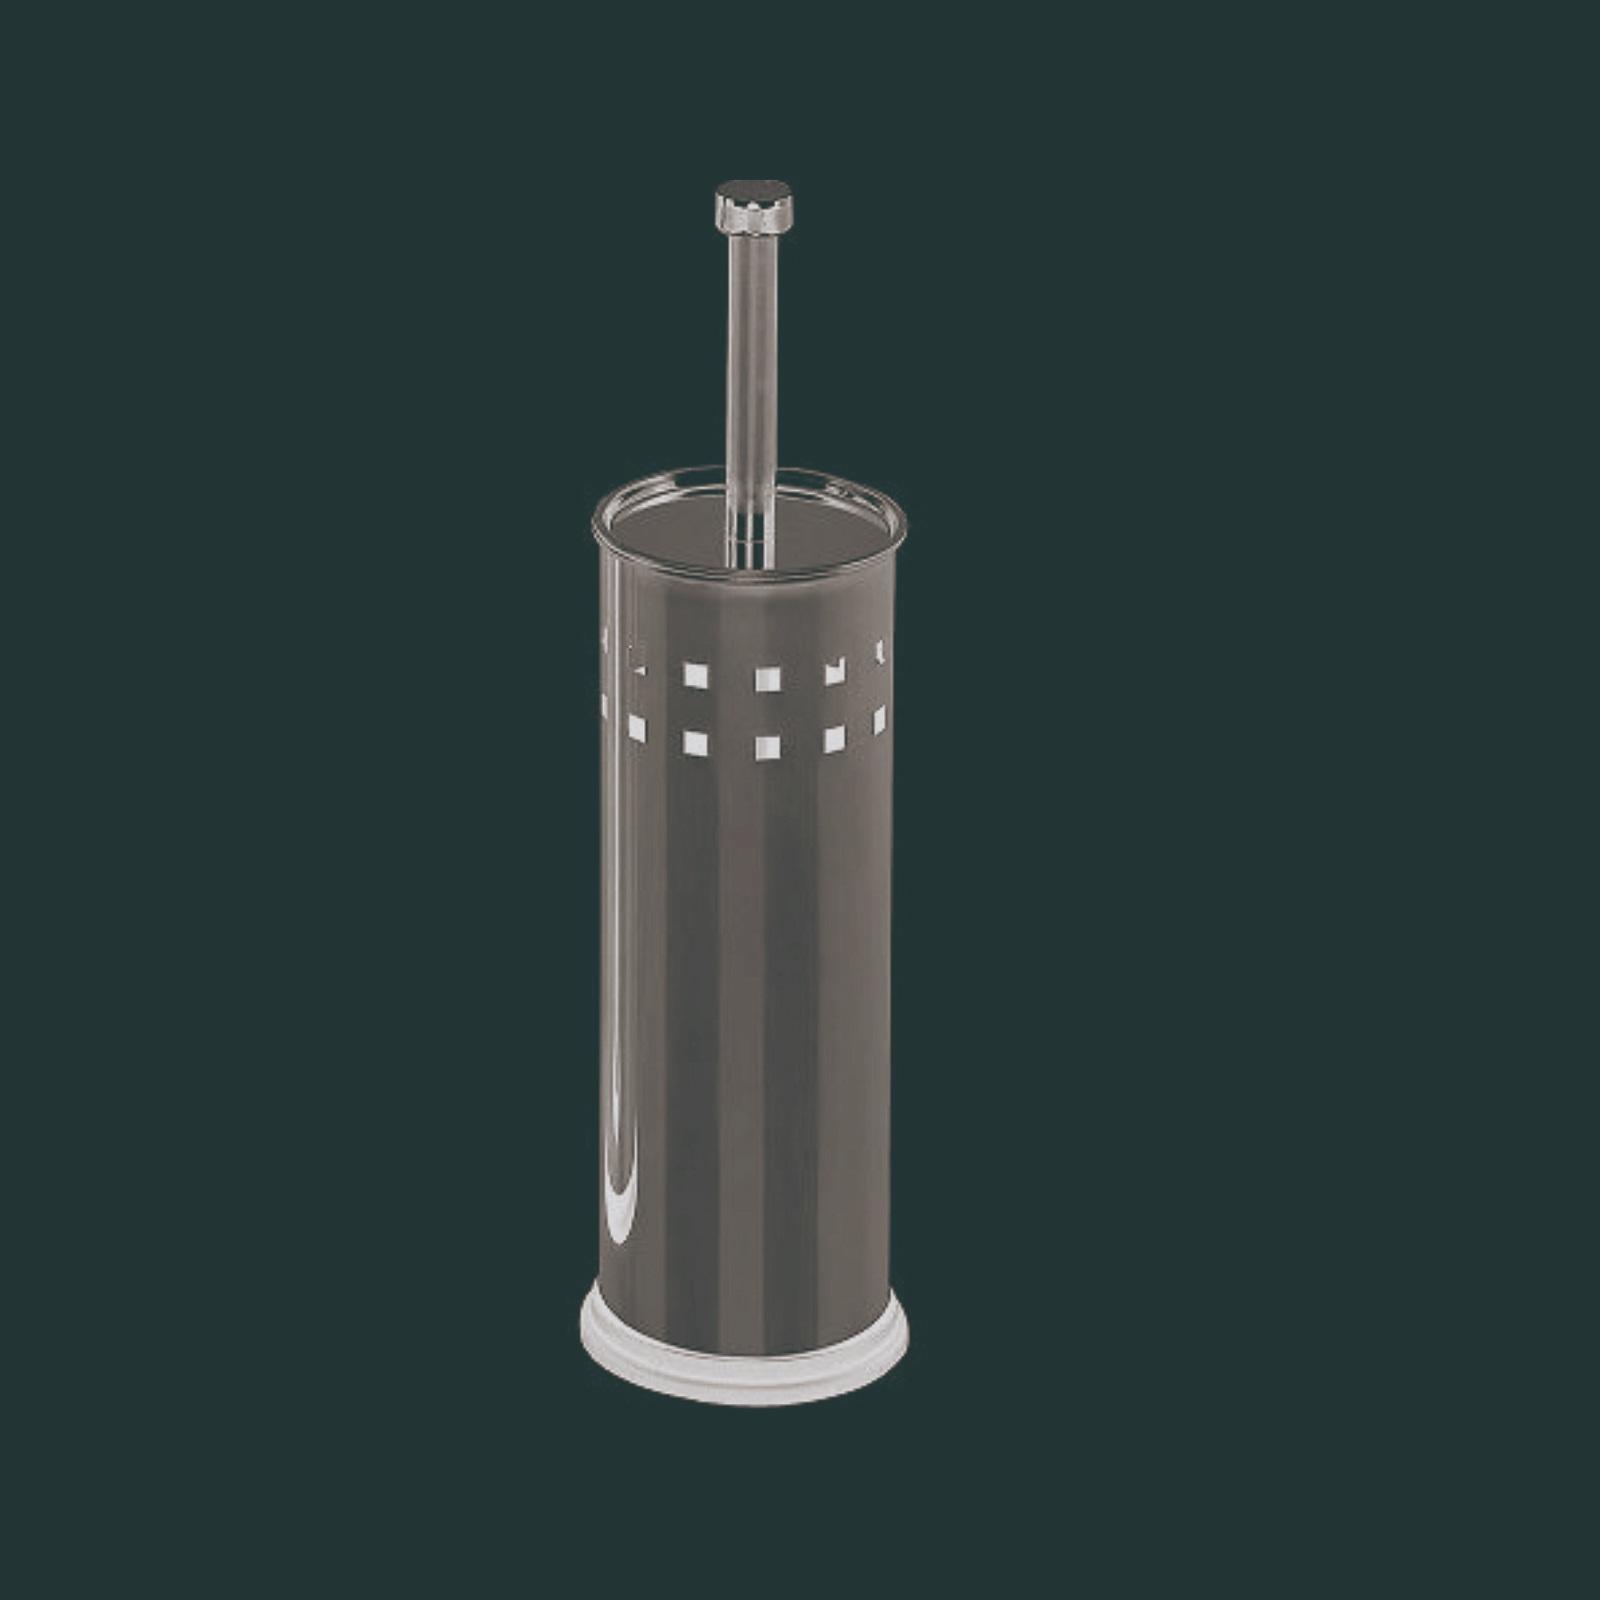 Barelli Stainless Steel Toilet Brush And Holder